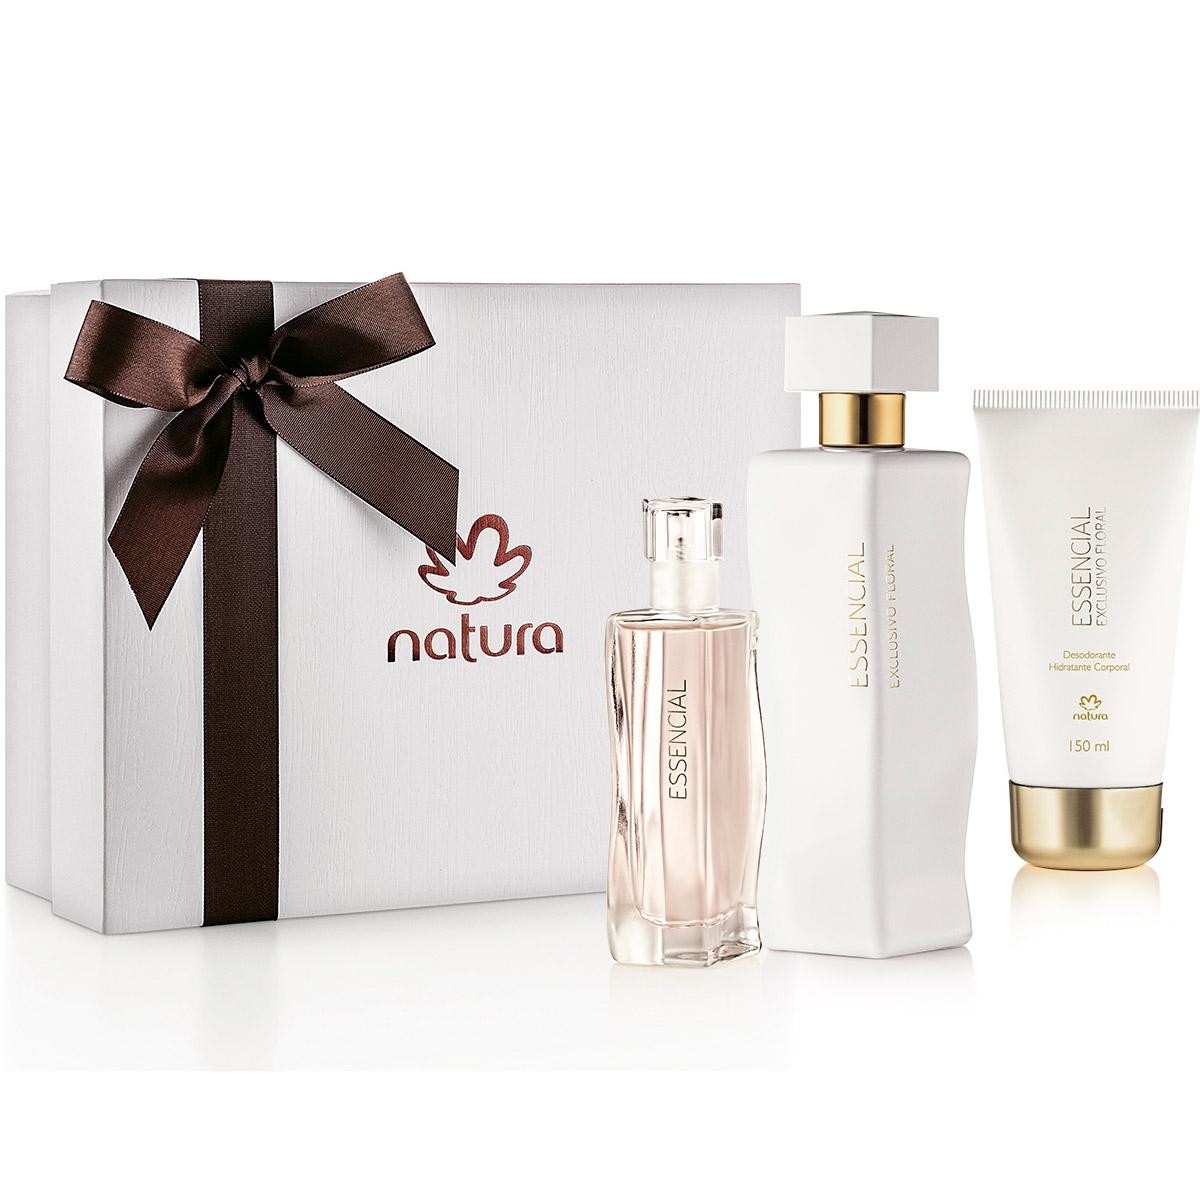 Presente Natura Essencial Exclusivo Floral Feminino com Miniatura - 80422